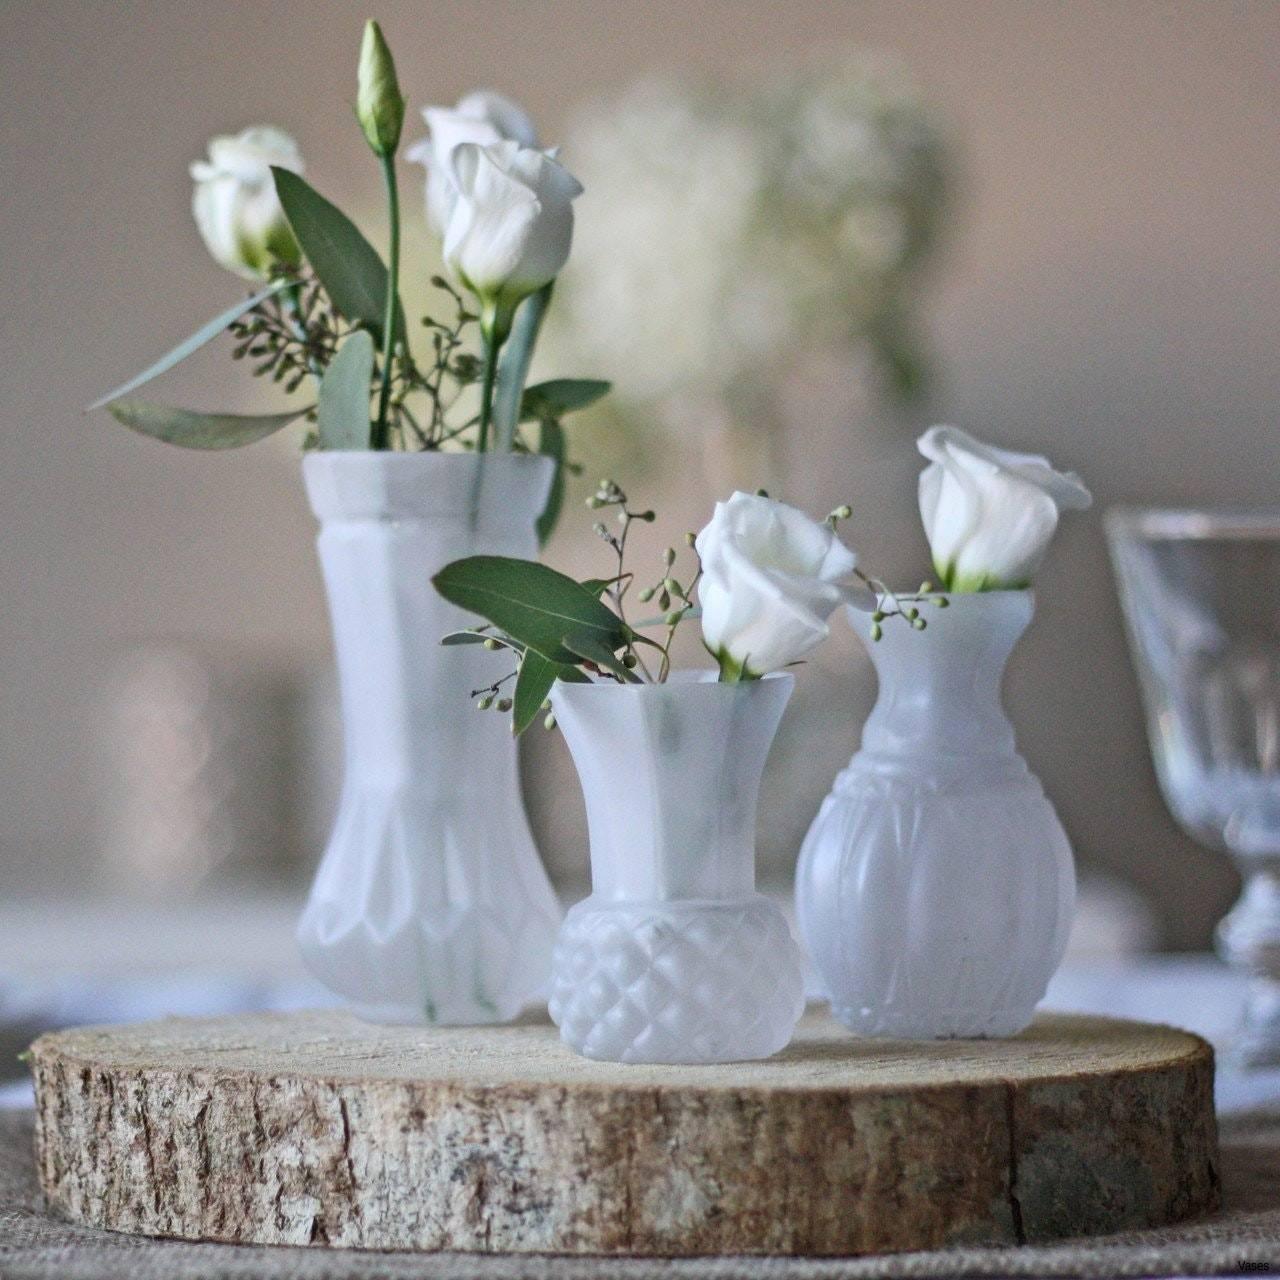 blue glass bud vase of glass decorations for weddings coolest jar flower 1h vases bud pertaining to glass decorations for weddings coolest jar flower 1h vases bud wedding vase centerpiece idea i 0d